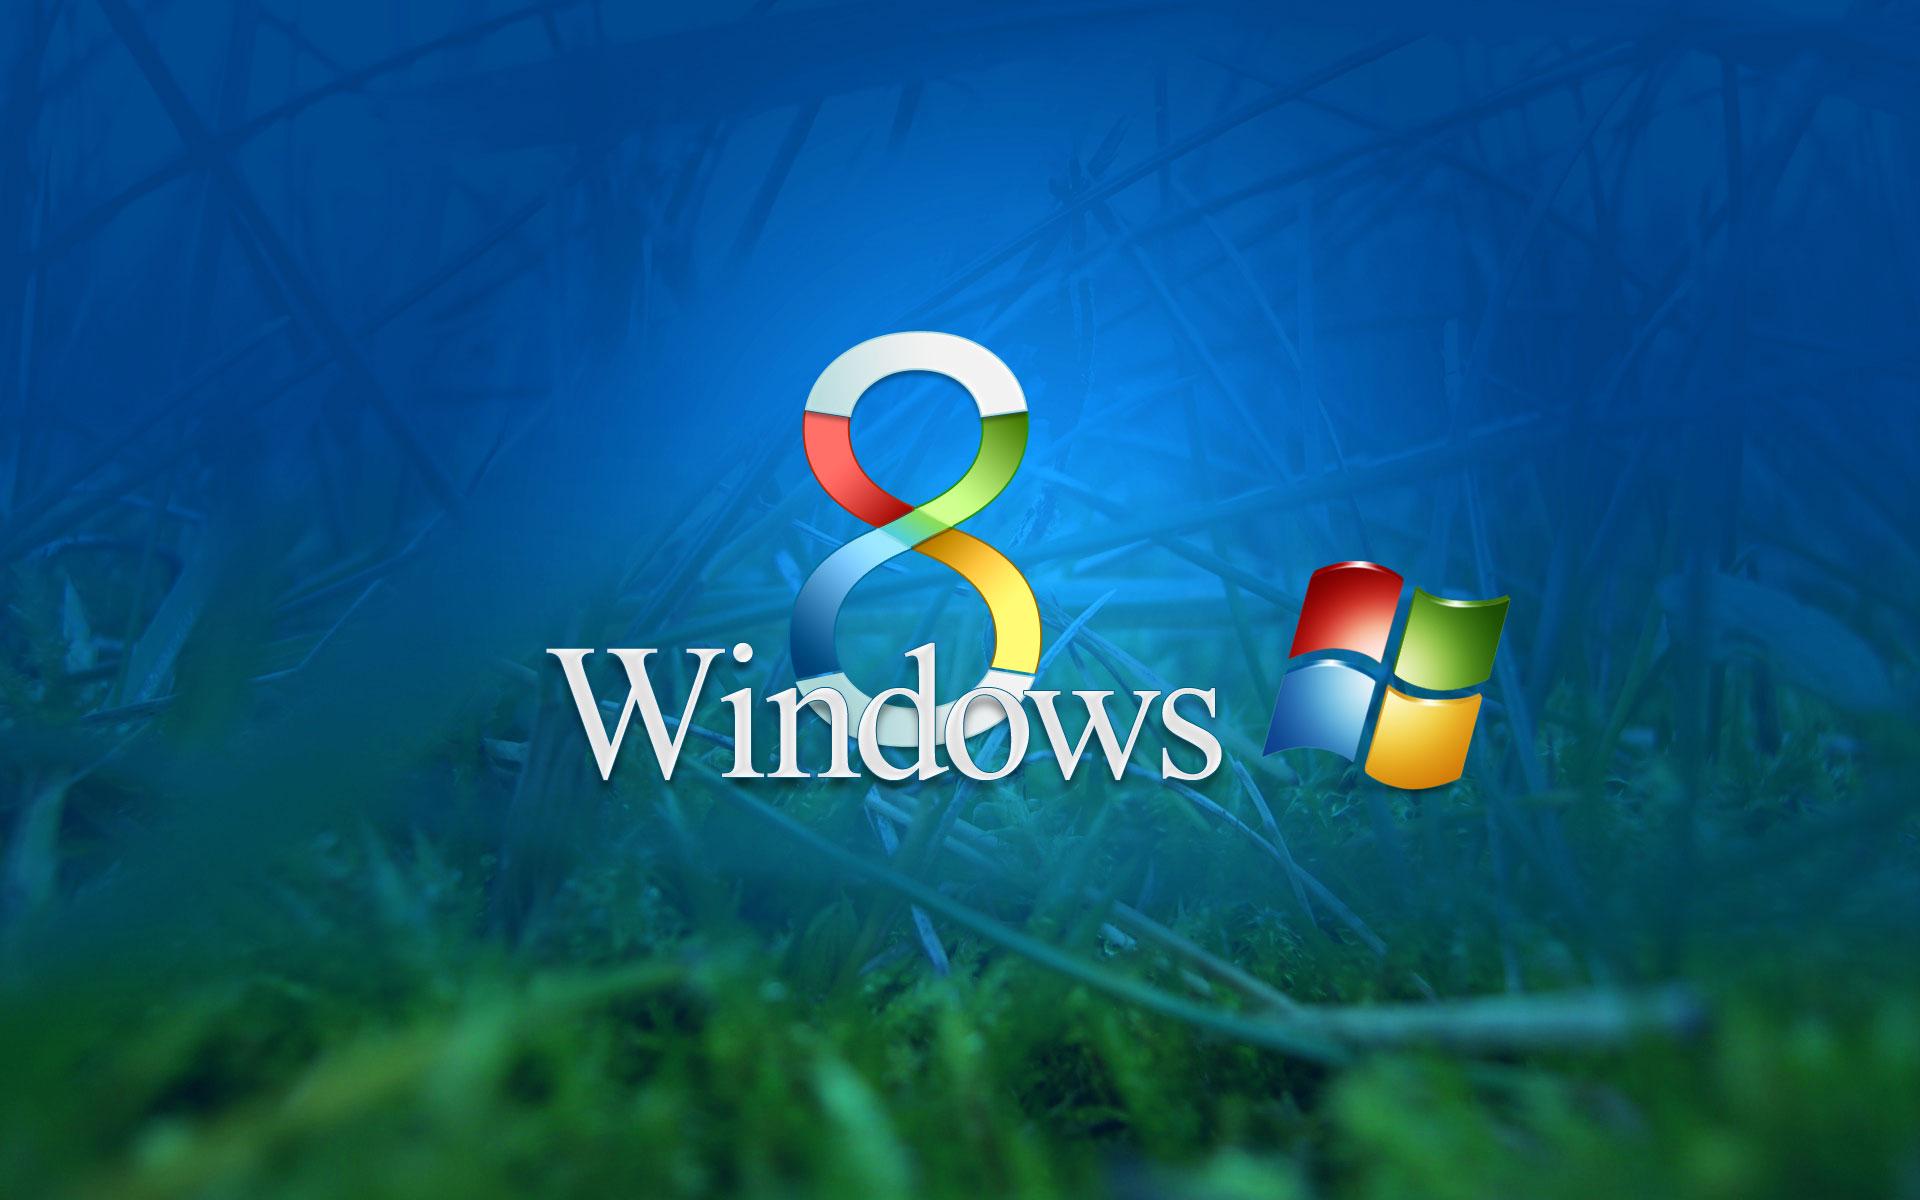 Windows 8 Wallpaper 1920X1080 236816 1920x1200